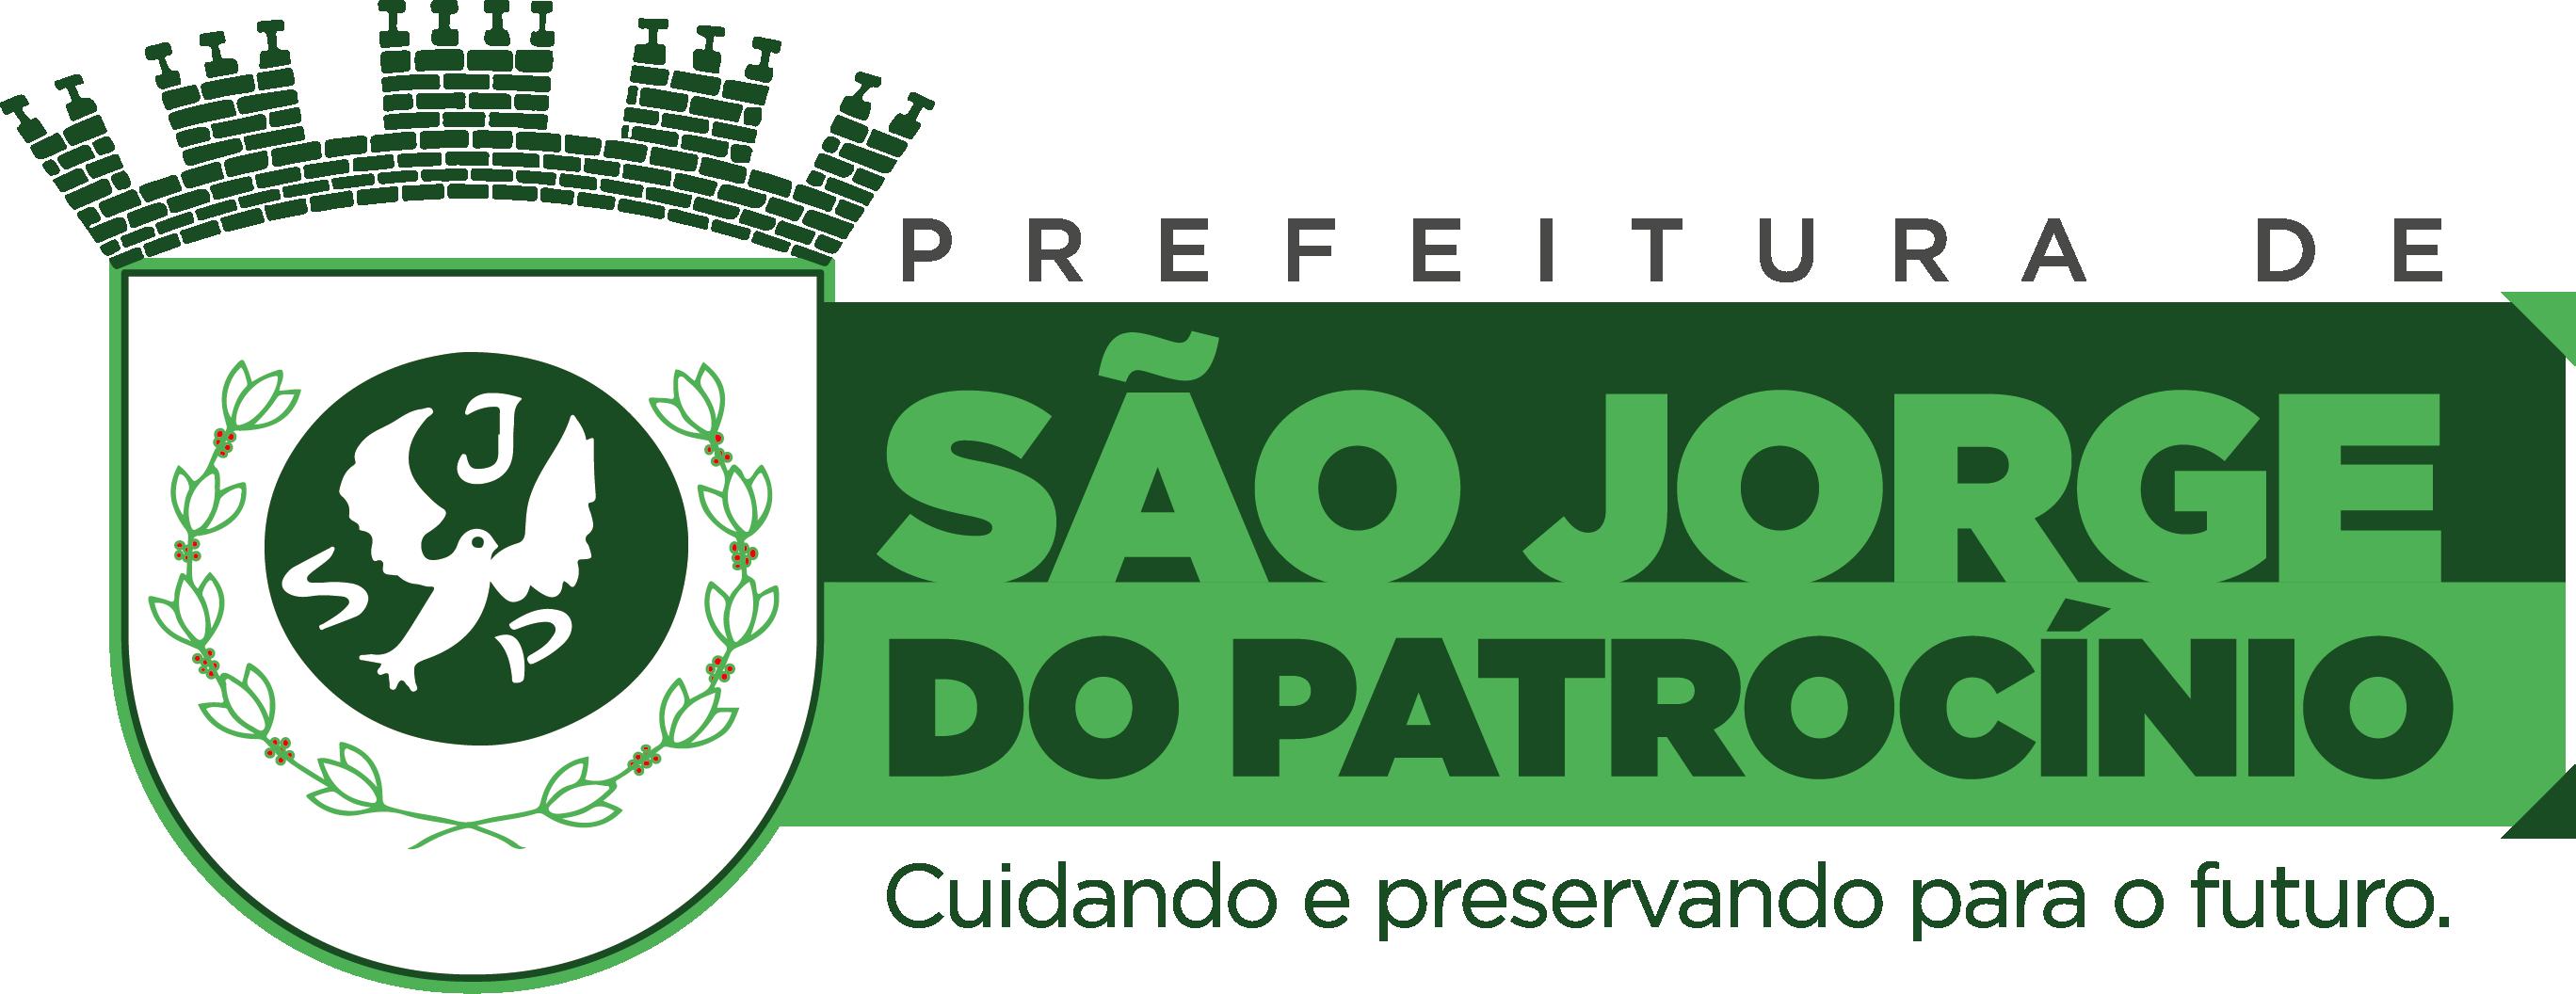 PREFEITURA MUNICIPAL DE SÃO JORGE DO PATROCÃ�NIO